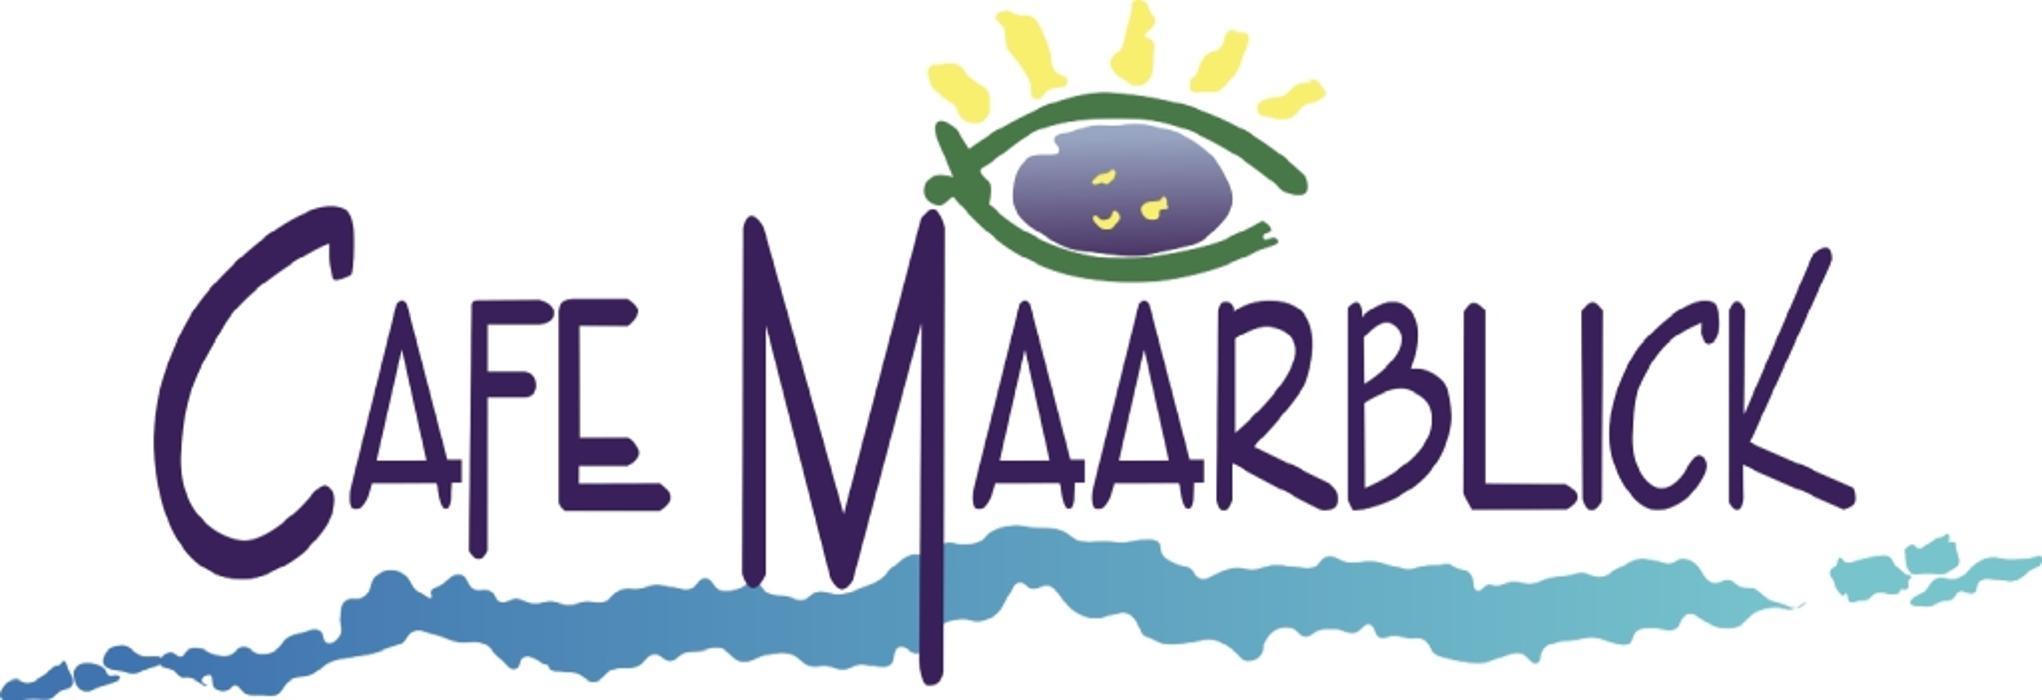 Logo von Café Maarblick Familie Lenerz